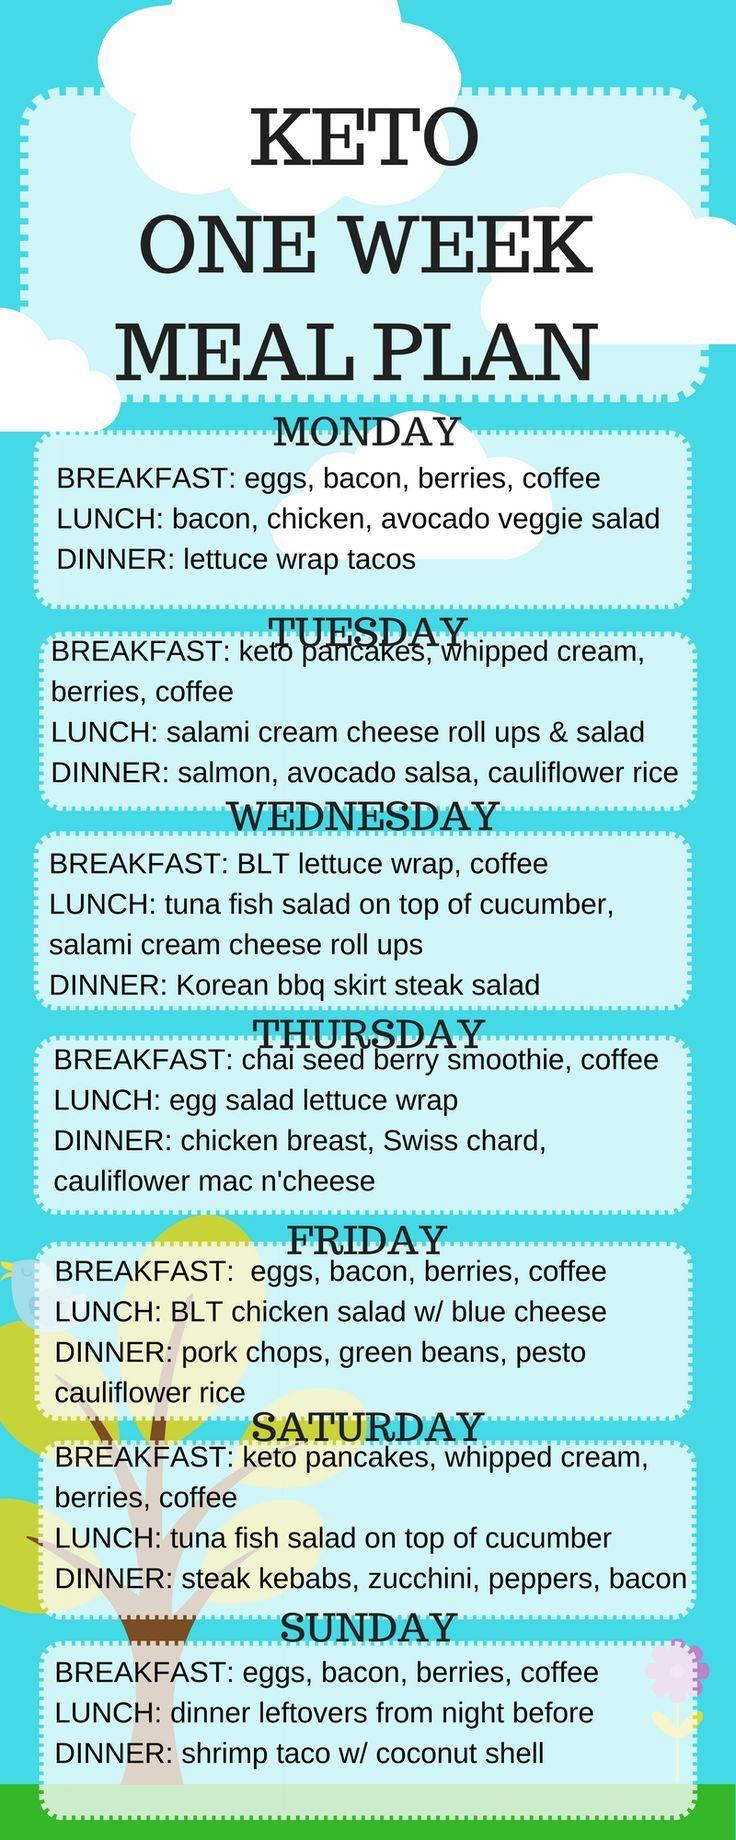 Keto One Week Meal Plan Seasonal Solutions Keto Diet Plan One Week Meal Plan Keto Diet Recipes